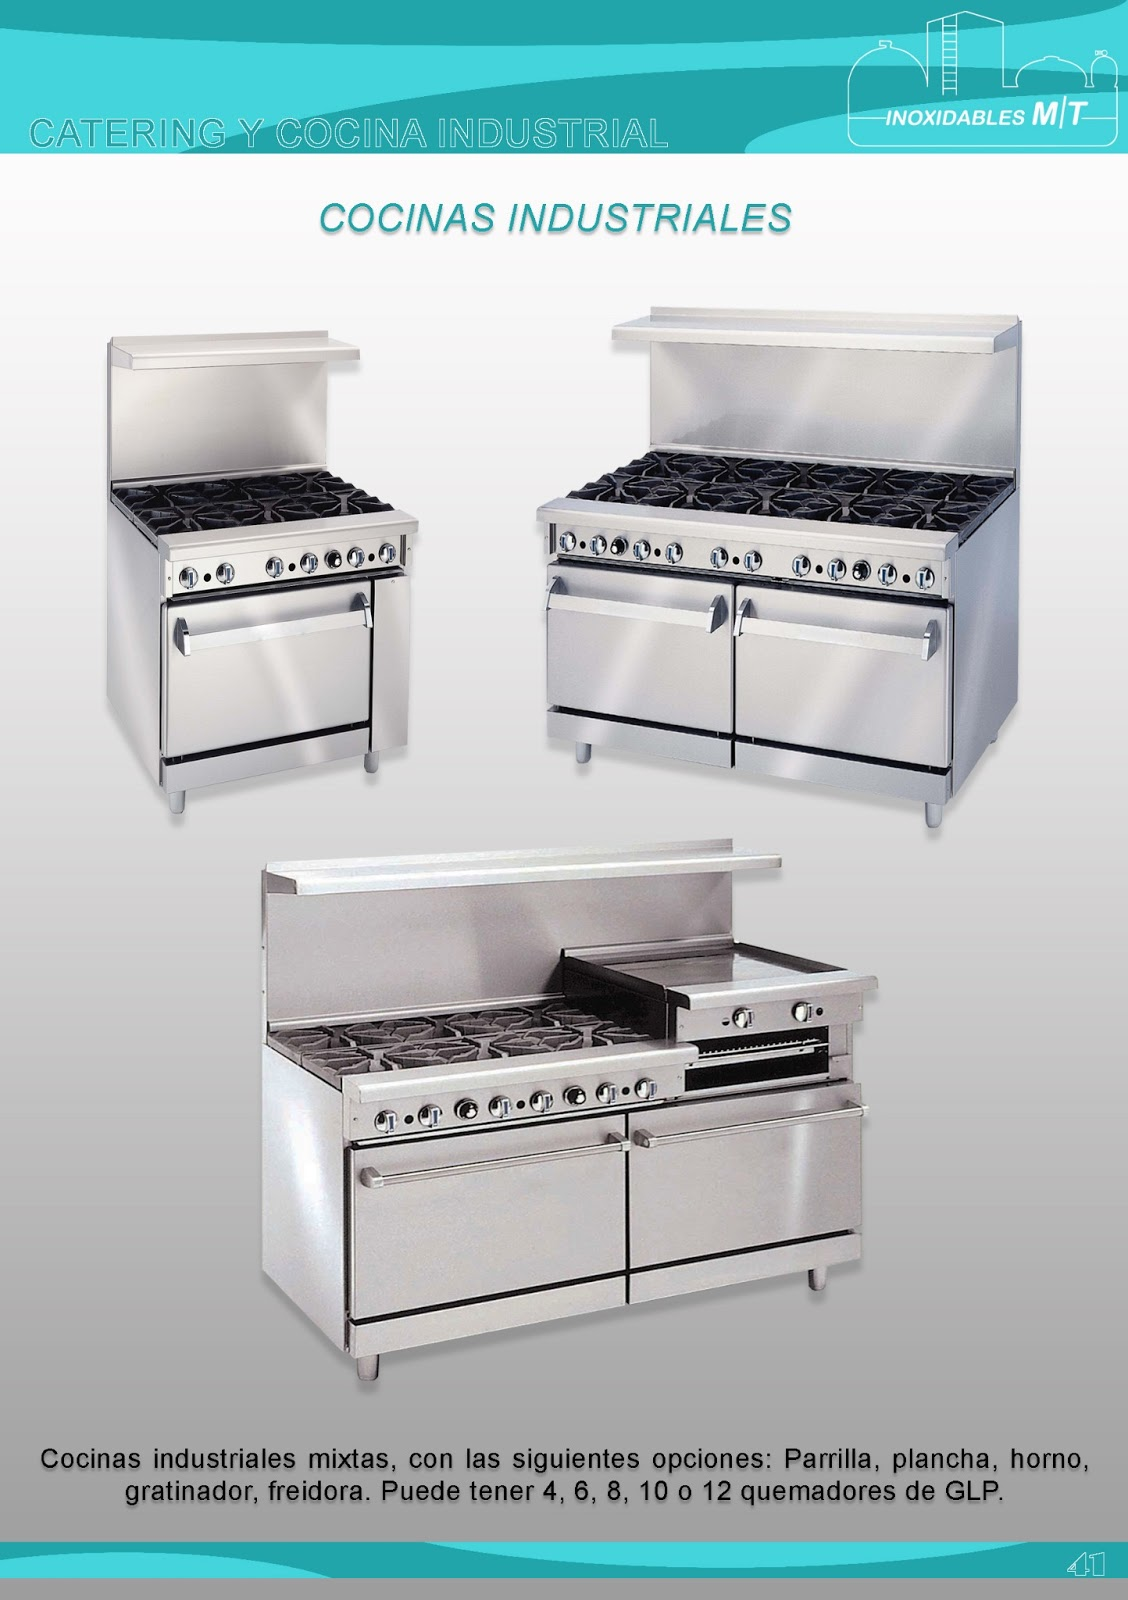 Inoxidables mt equipos para catering y cocina industrial - Planchas de cocina industriales de segunda mano ...